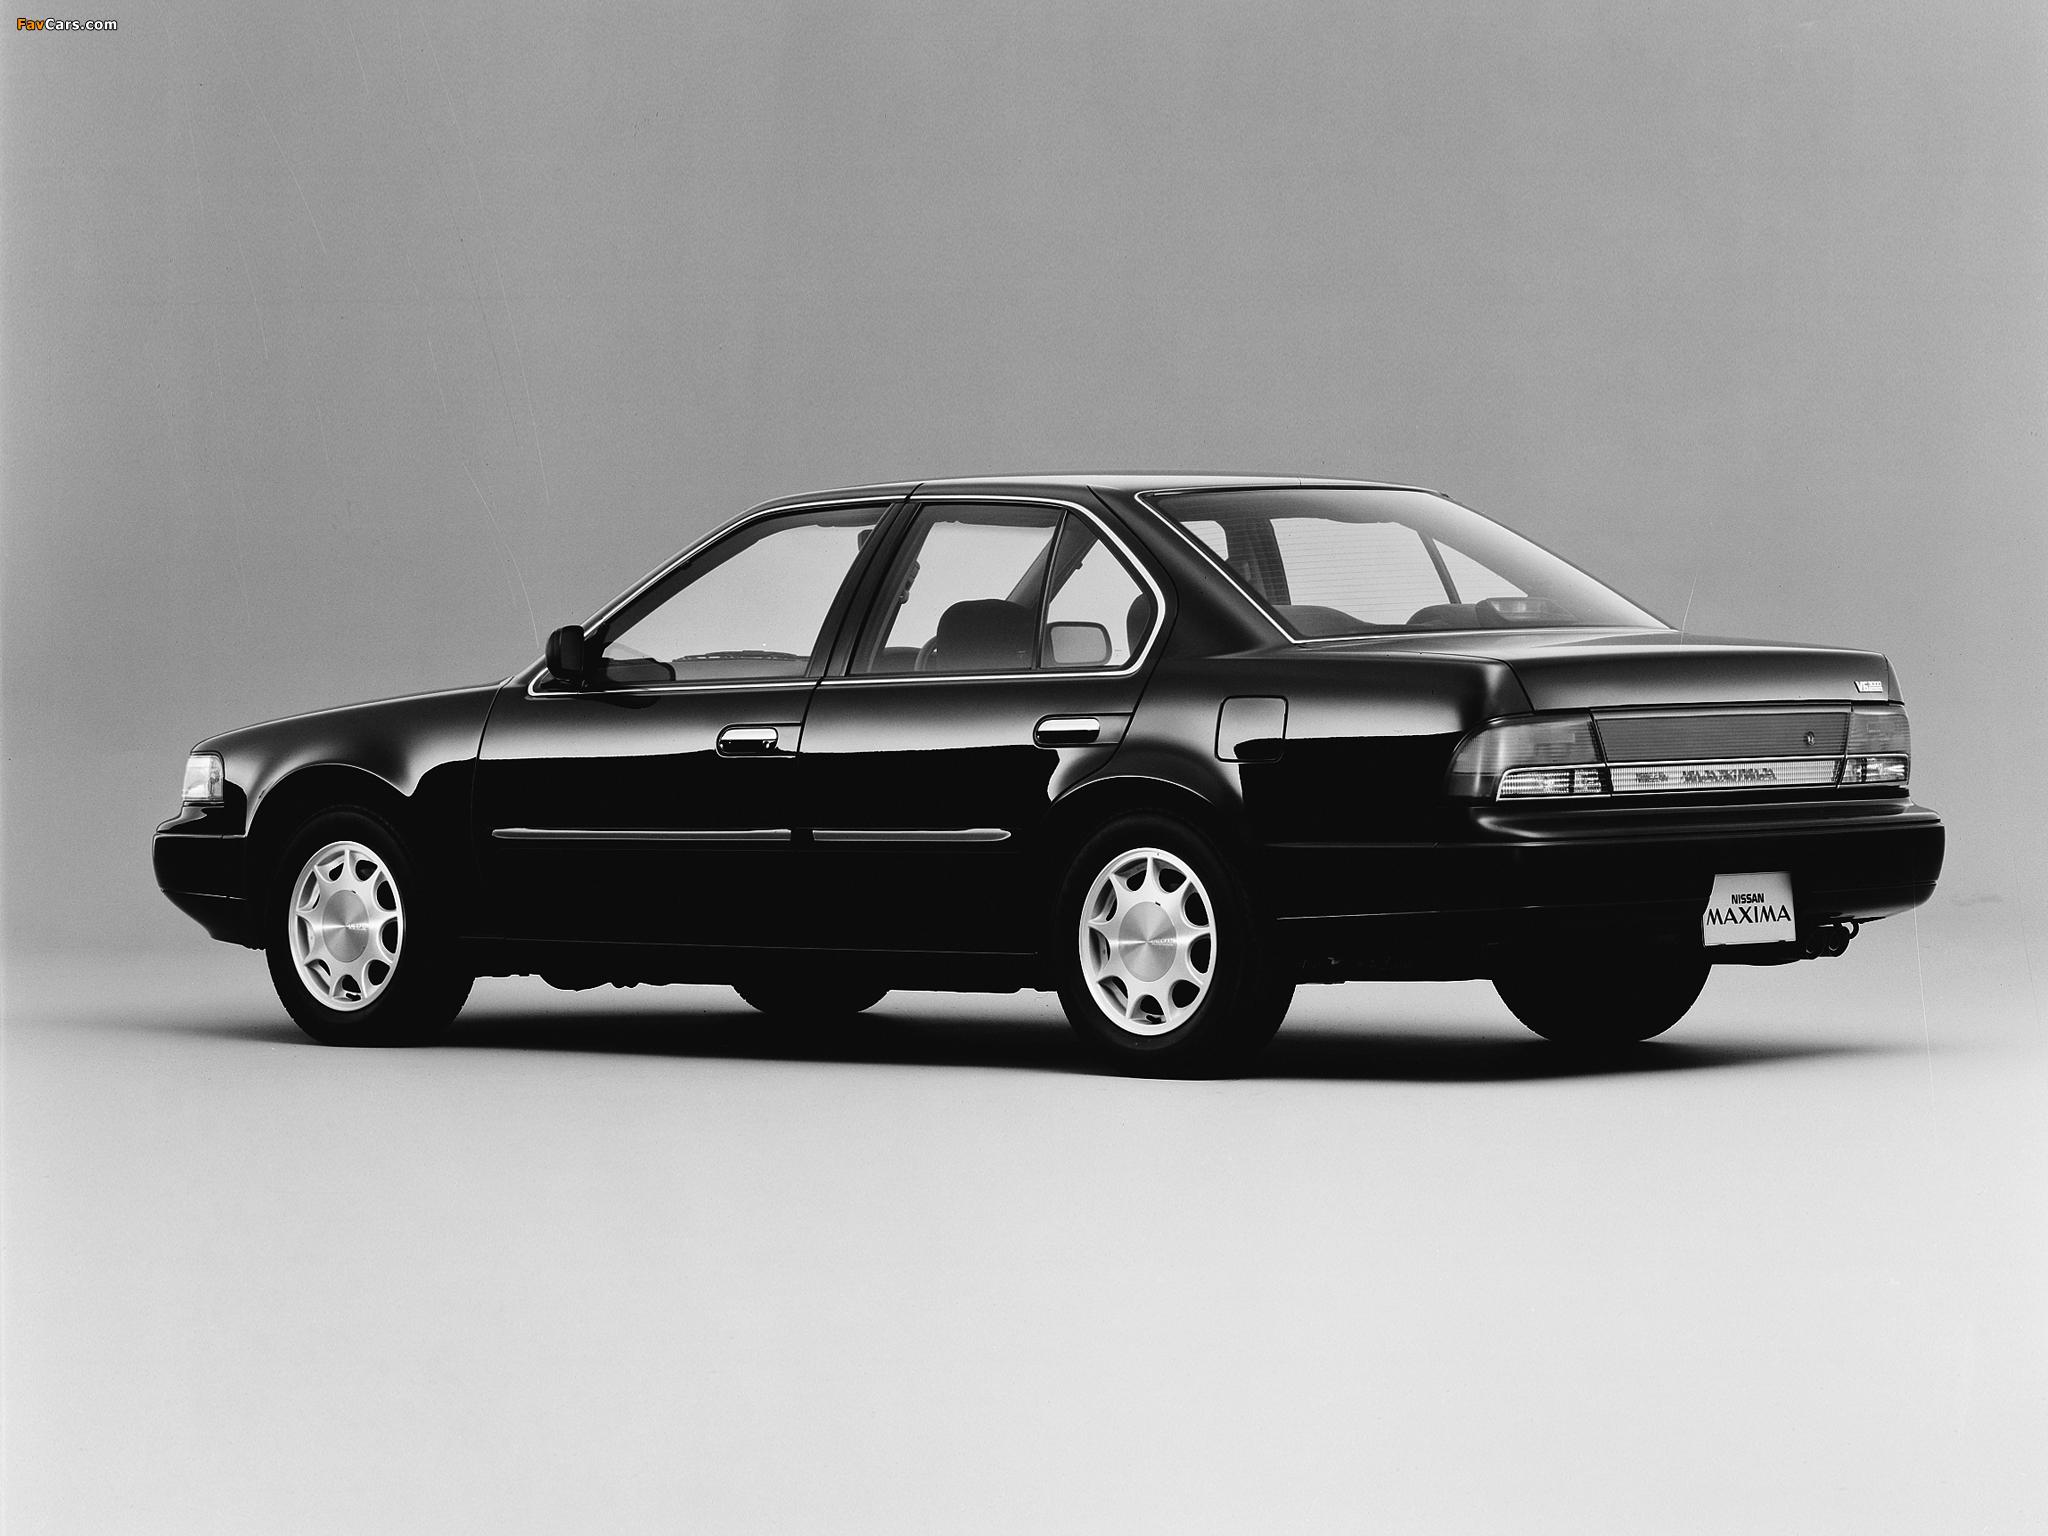 nissan maxima 3.0 1991